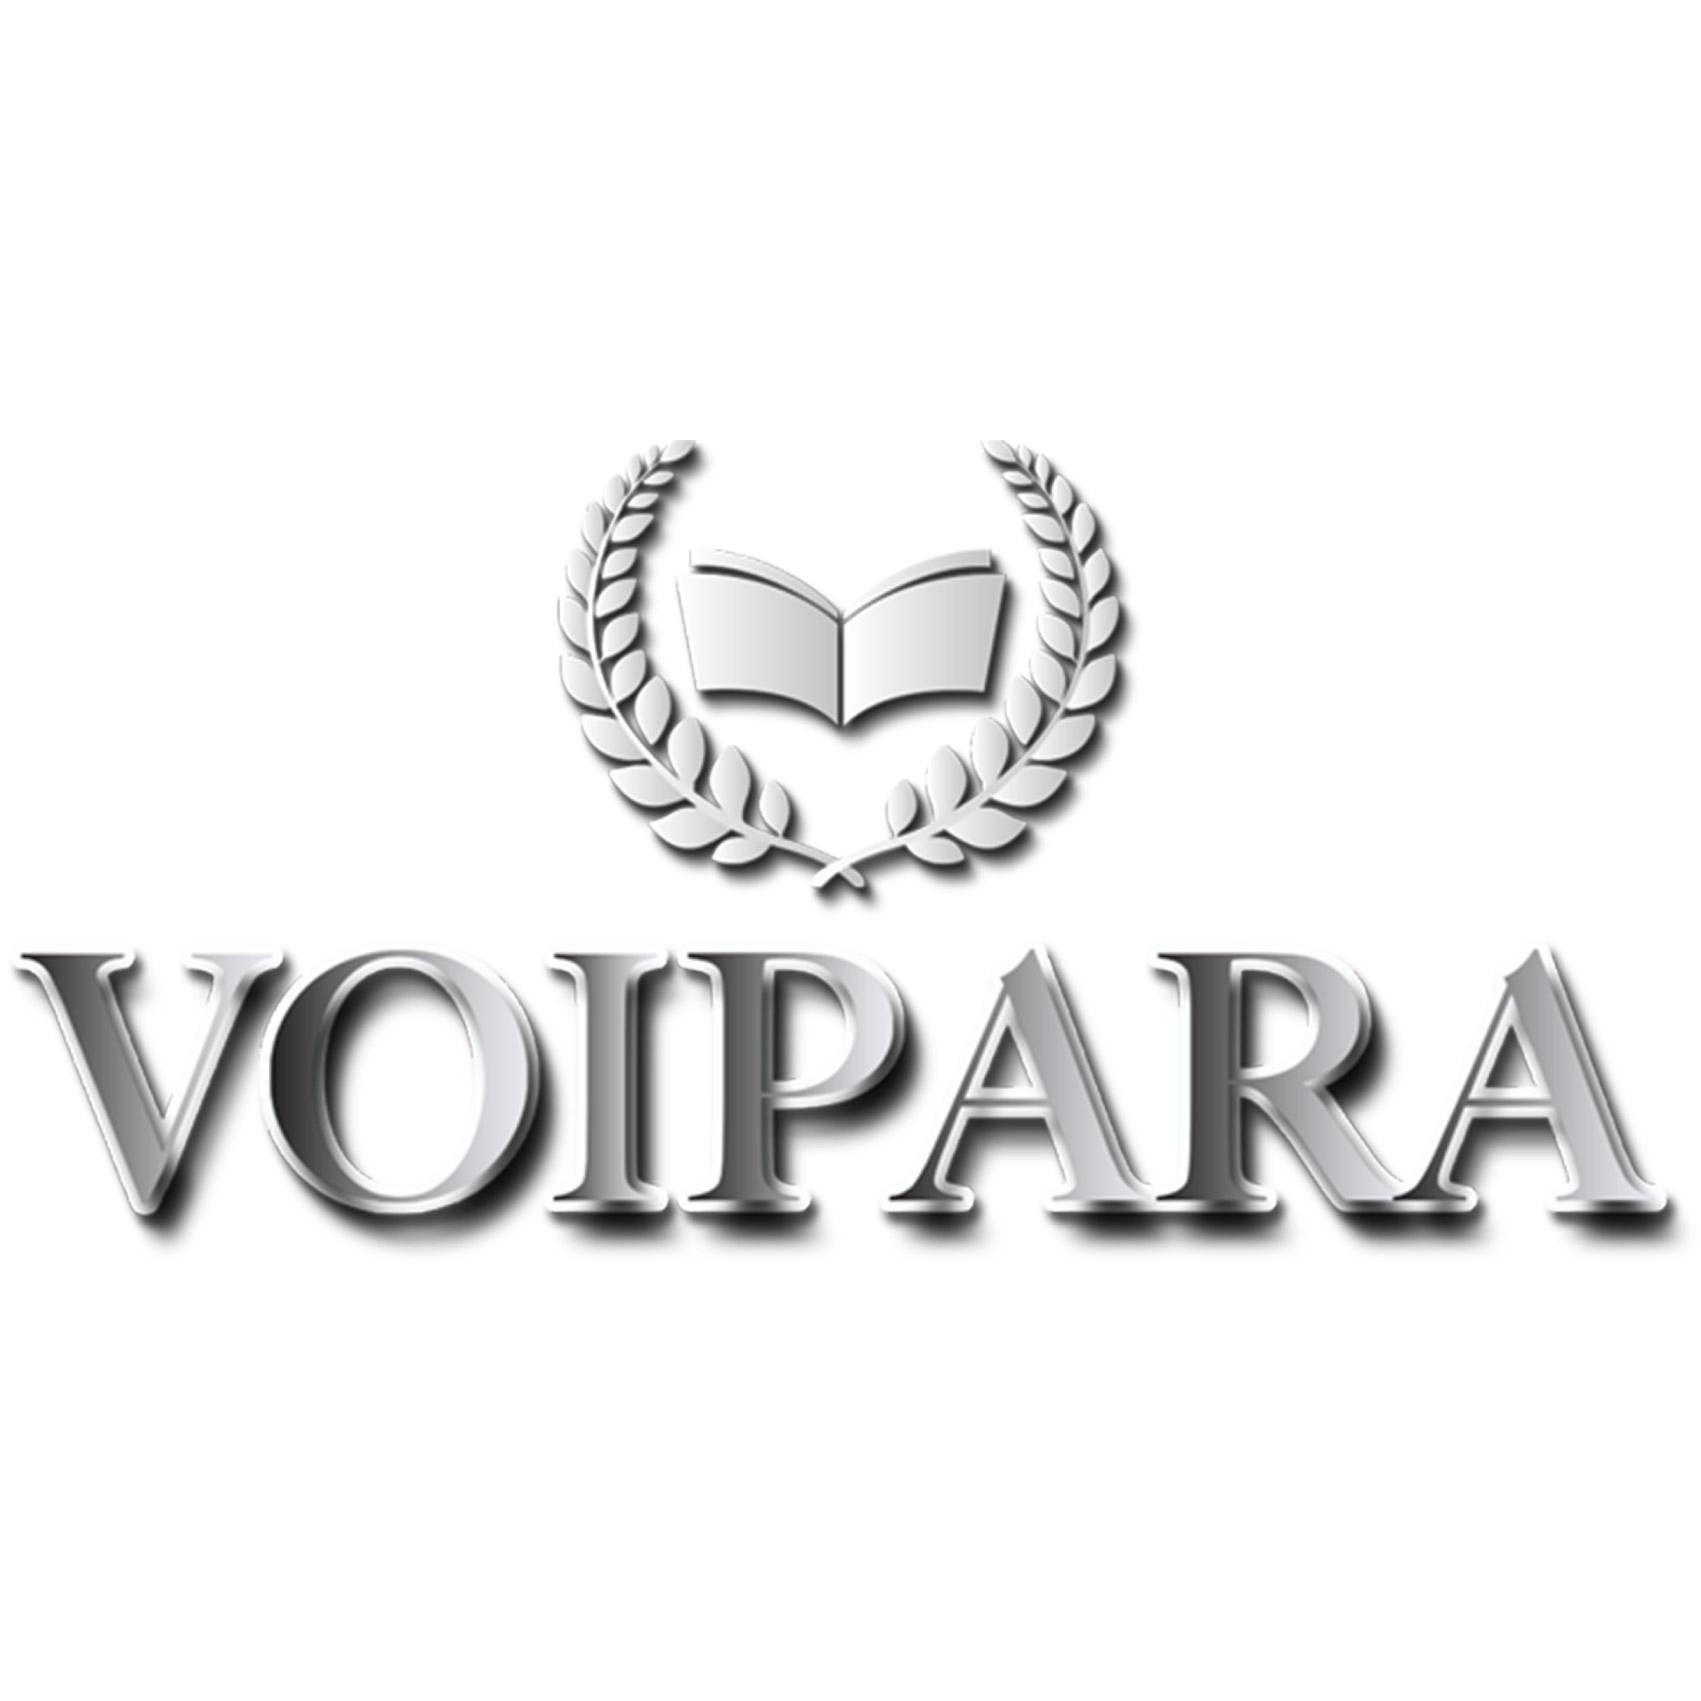 VOIPARA / VOIPARA (第二弾)